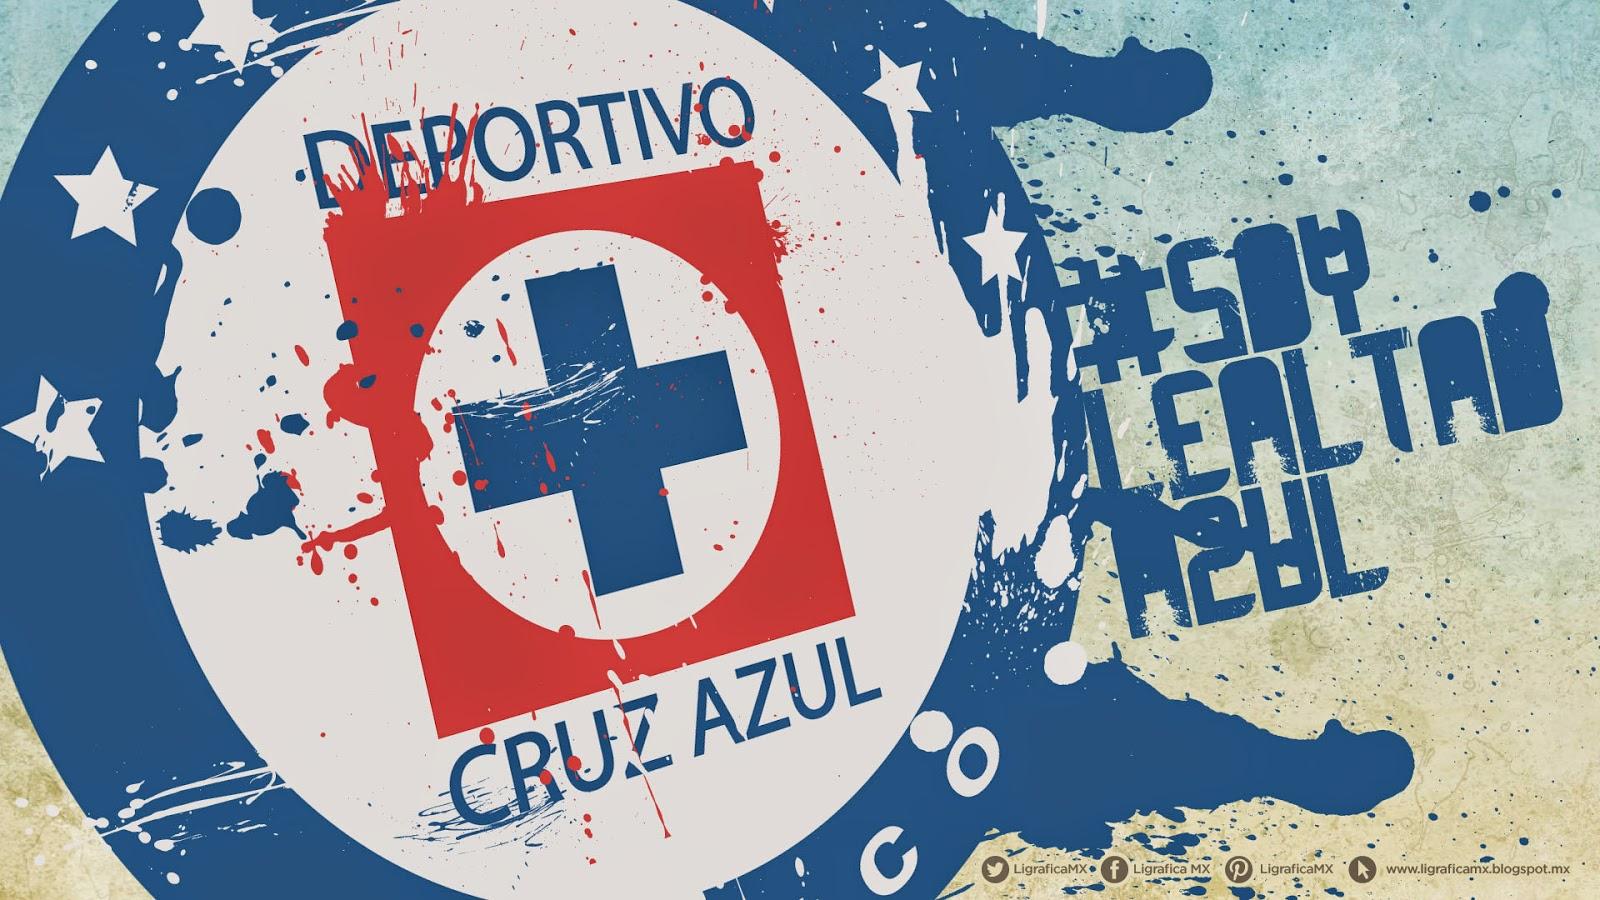 Cruz Azul Wallpaper #3 - Football Wallpapers